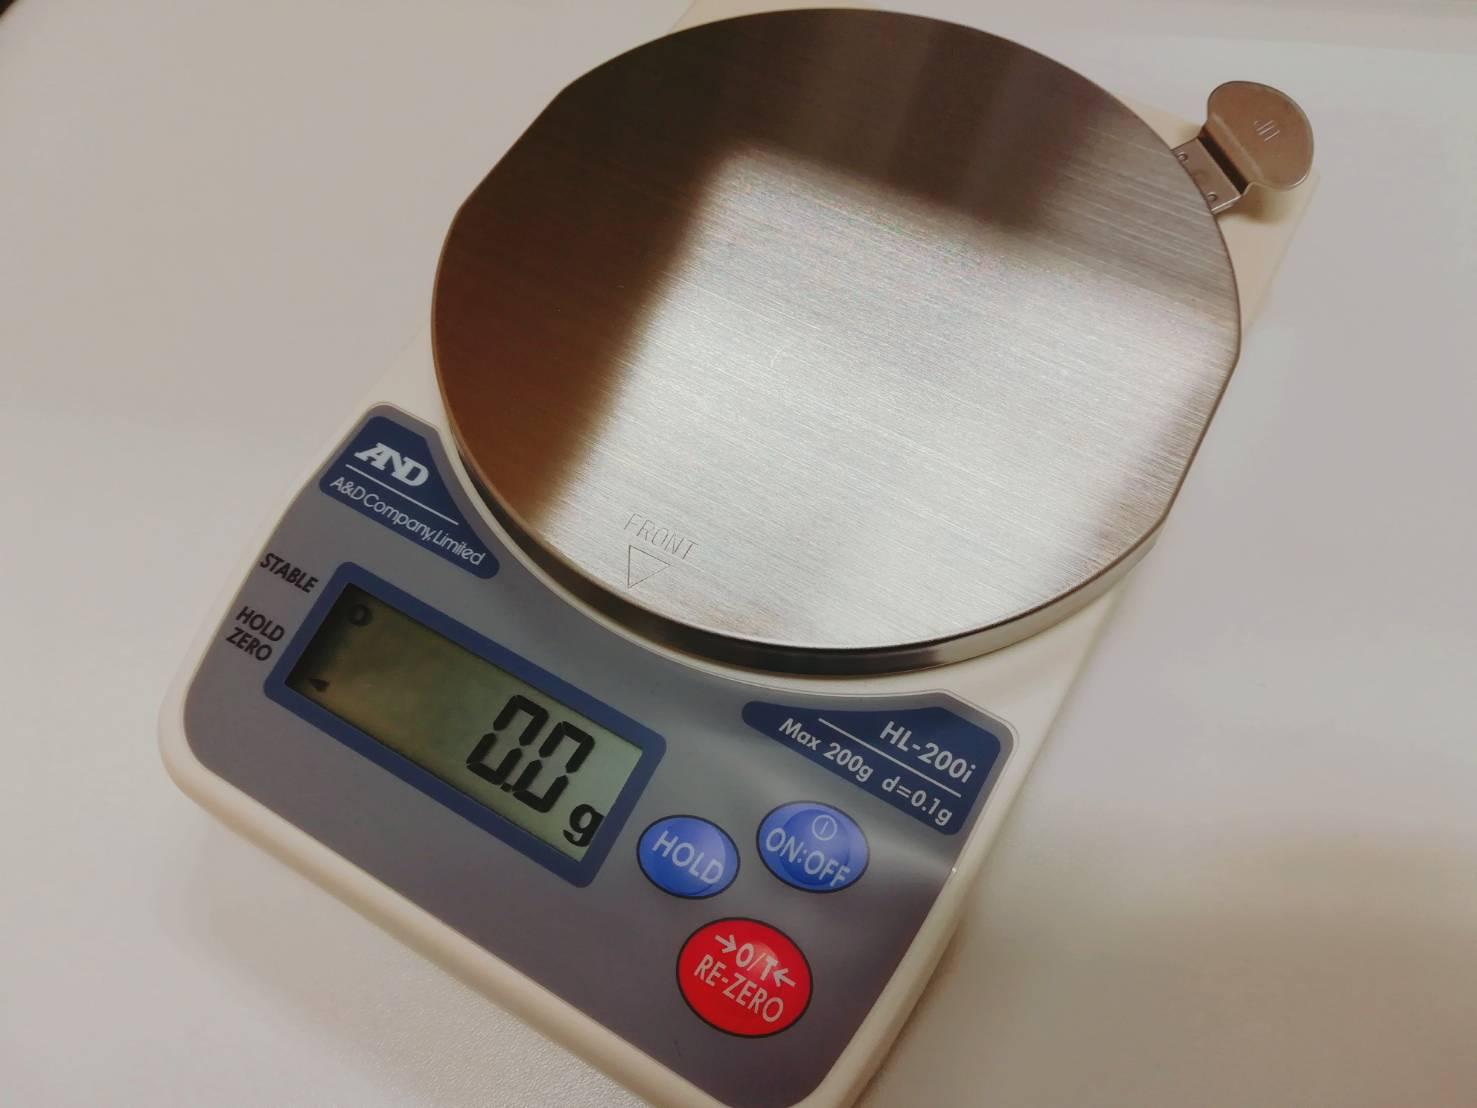 「金の重さを確認する」のイメージ画像